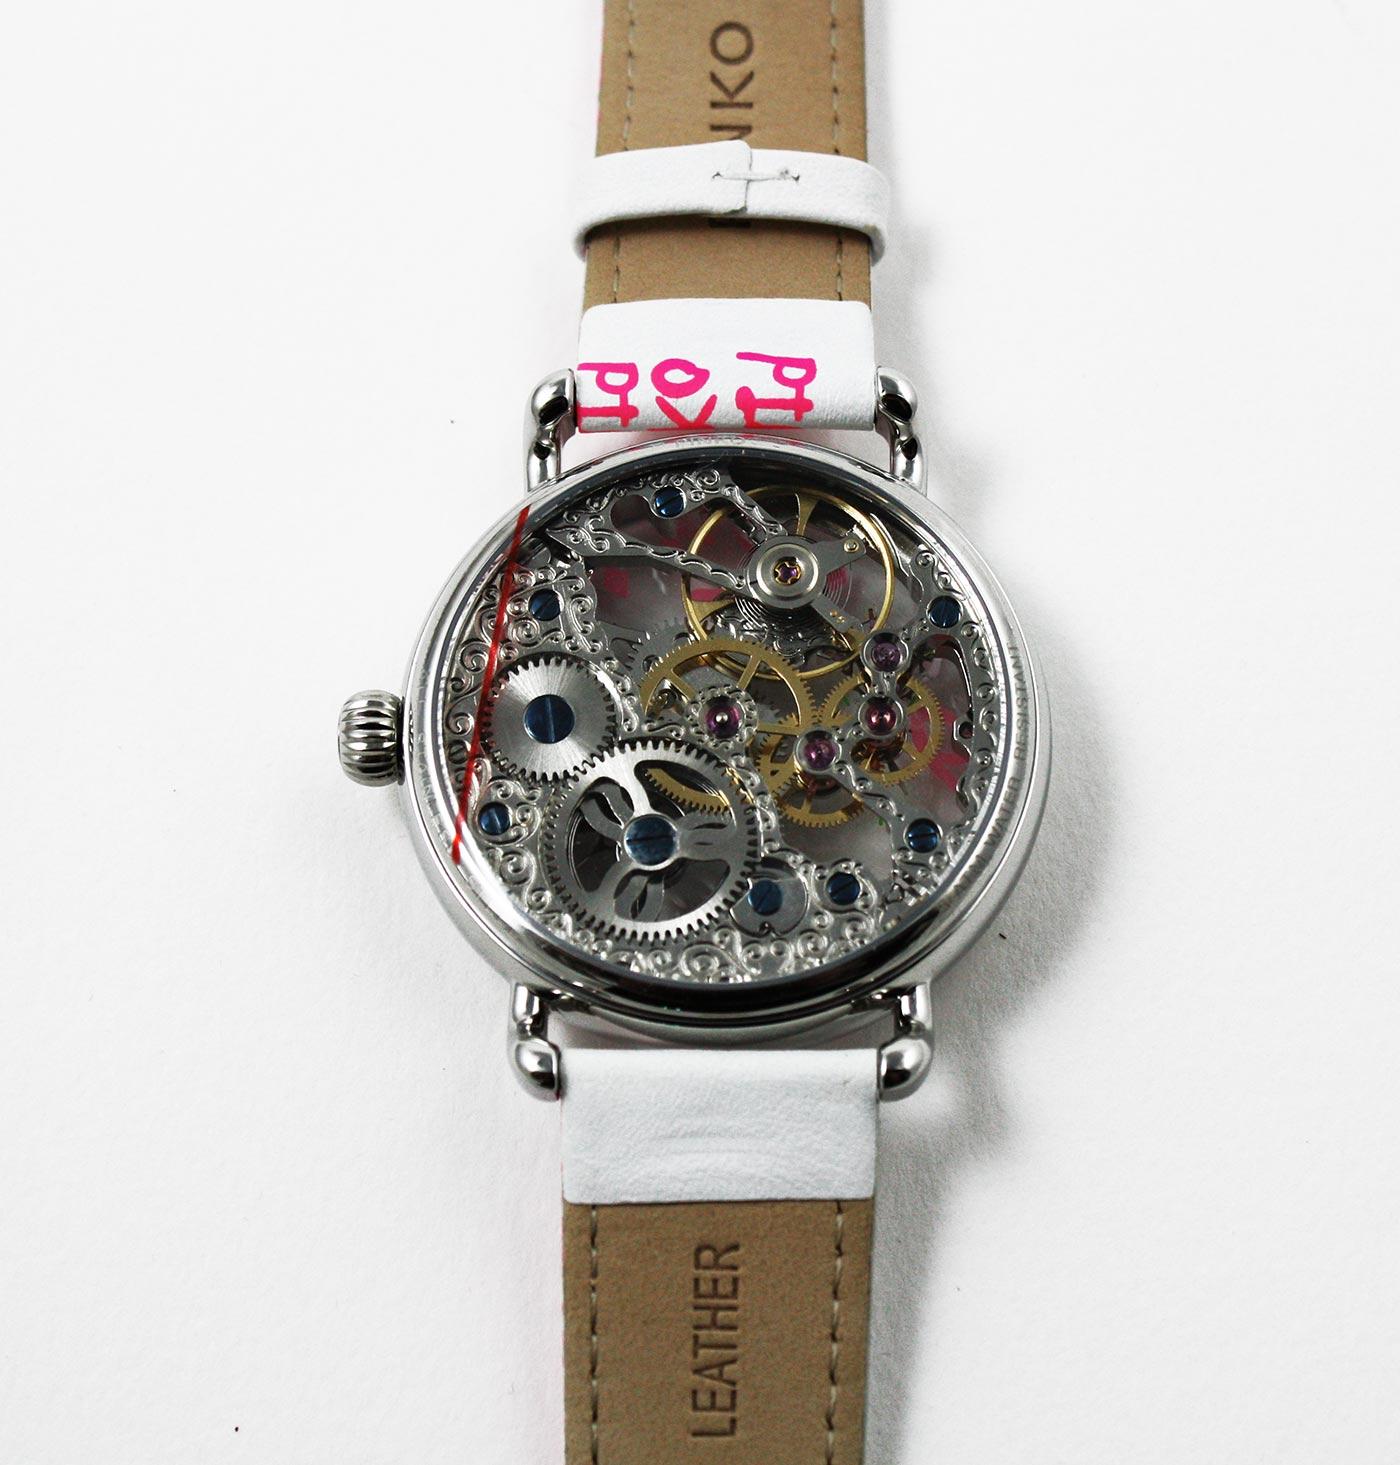 a basso prezzo f7a20 6e1c5 Orologio Pinko modello